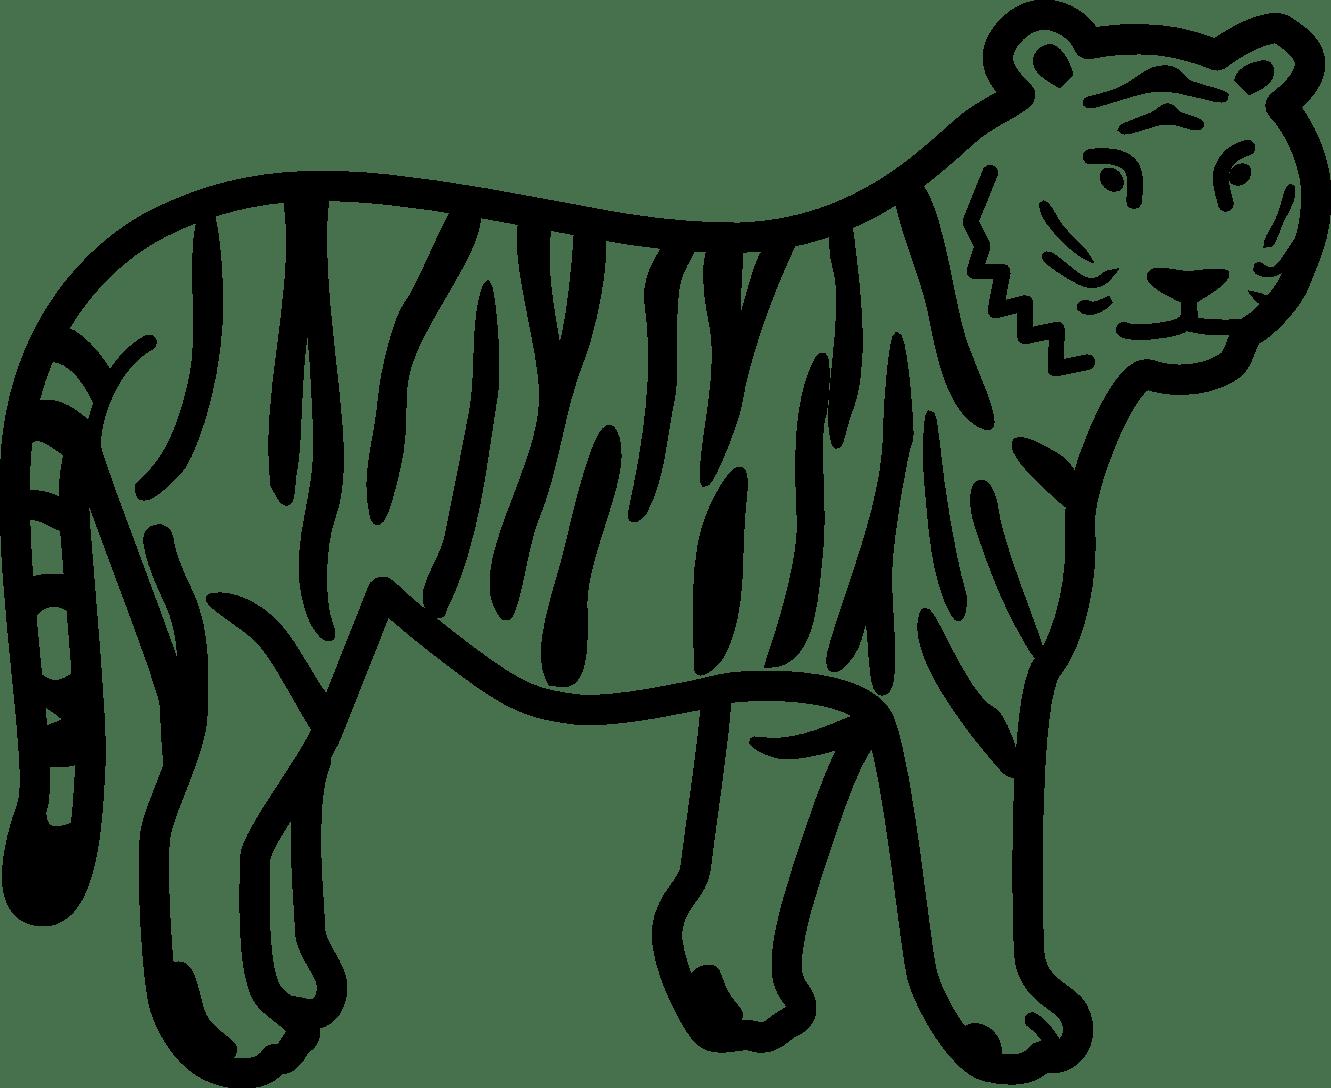 Kind Clipart Land Animal Kind Land Animal Transparent